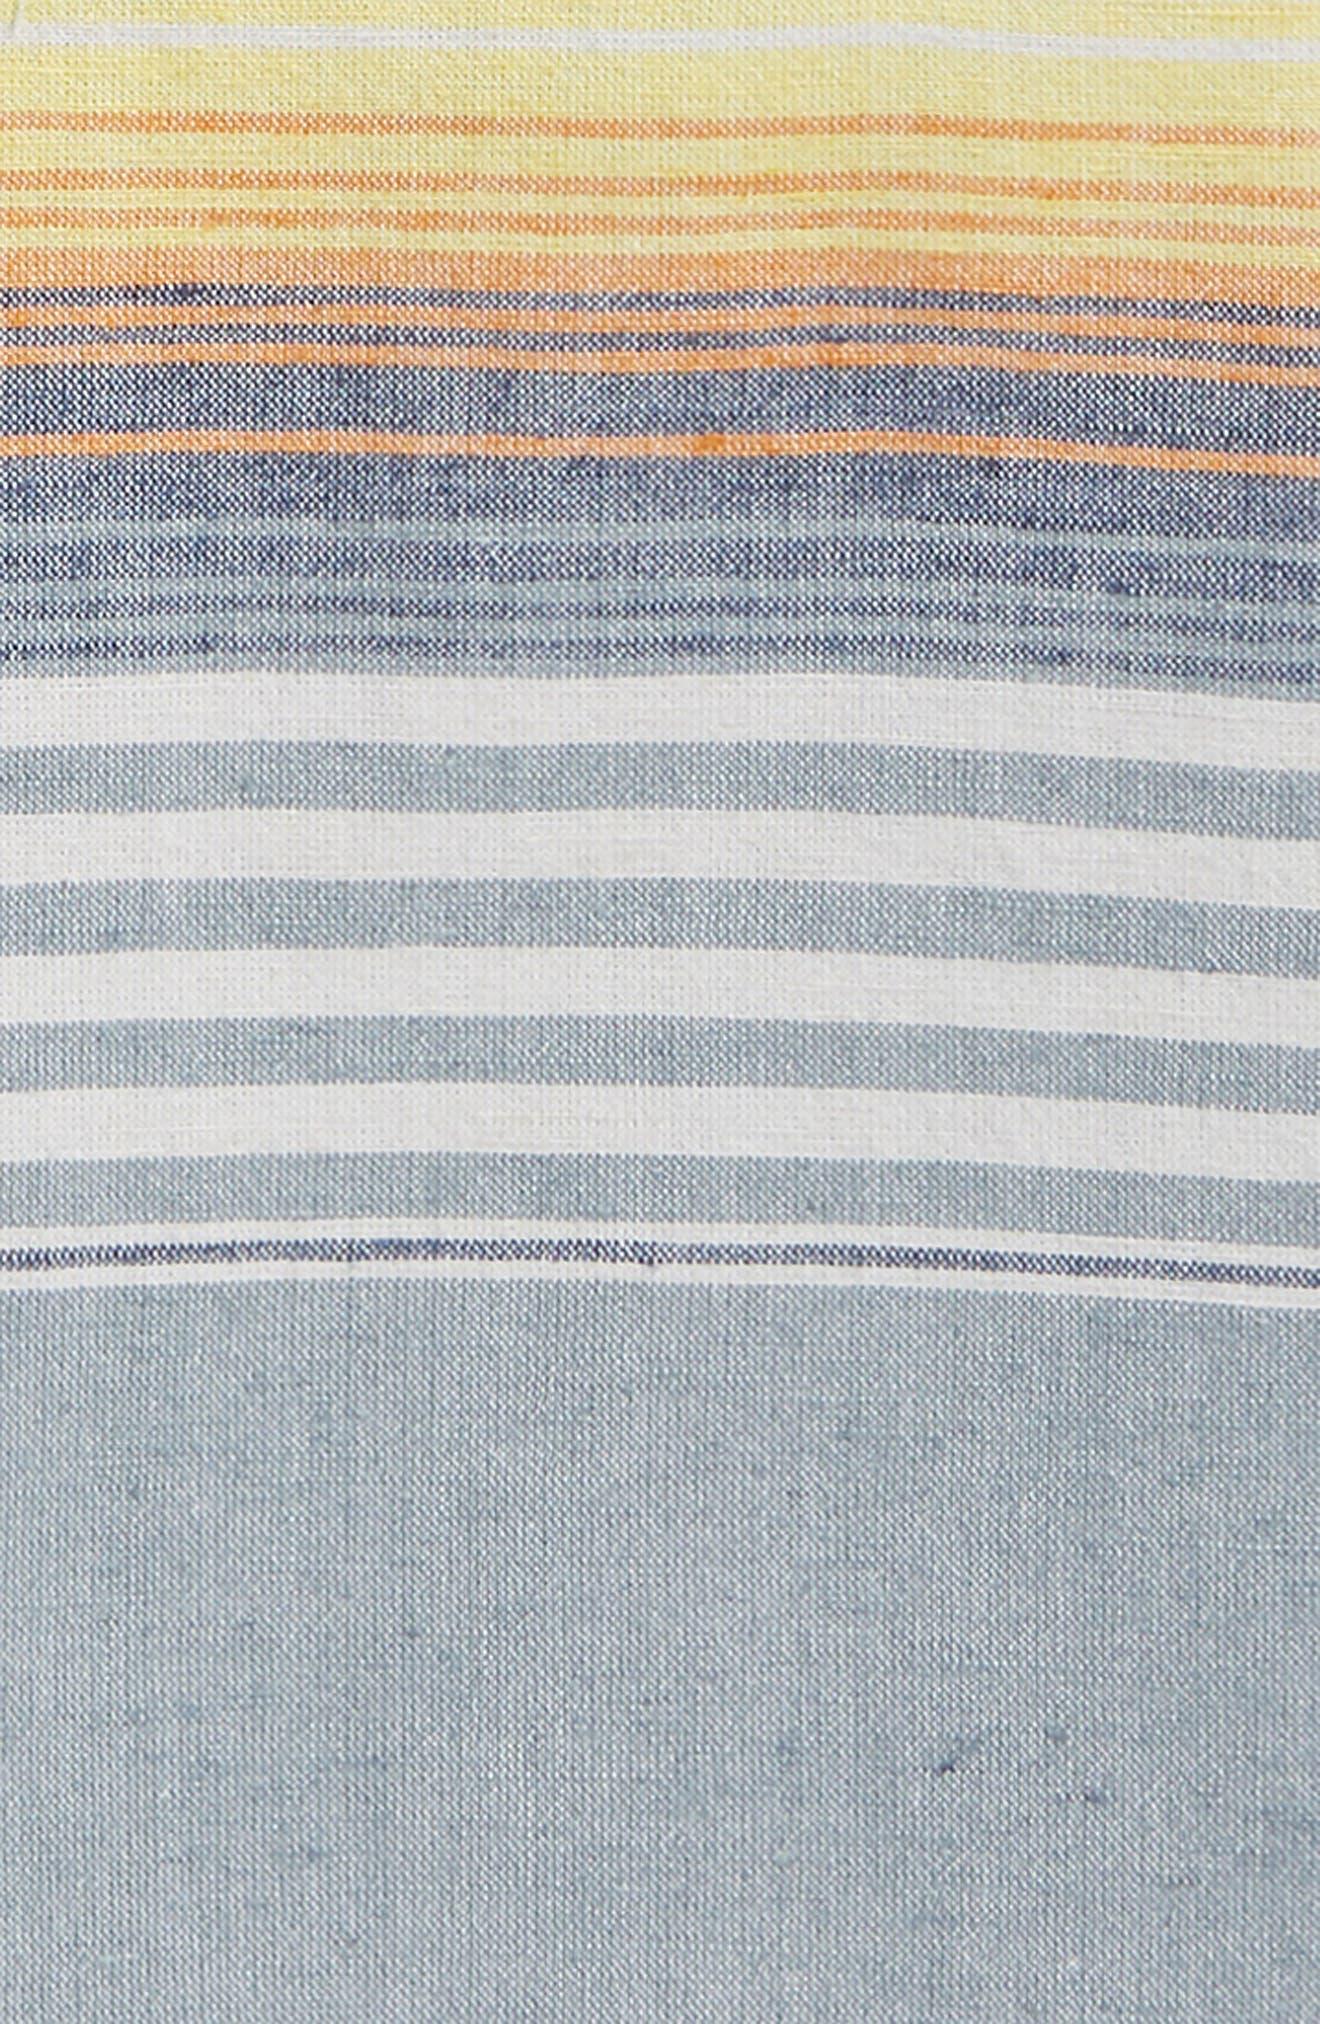 Stripe Hooded Romper,                             Alternate thumbnail 2, color,                             Blue Chambray Sunset Stripe